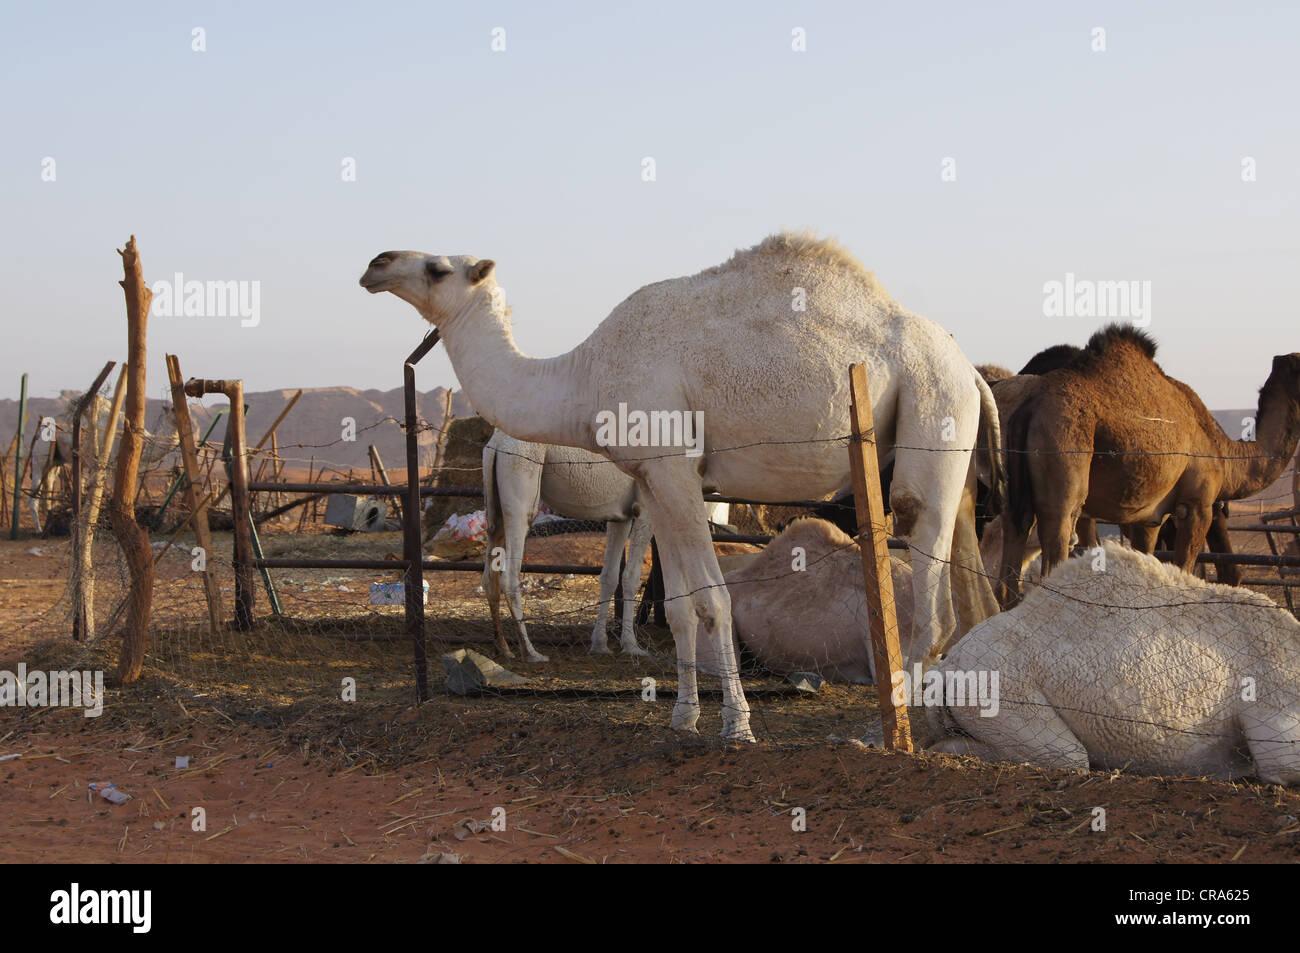 Algunos camellos en su pen en la tarde, el sol en las arenas rojas, Riad, Reino de Arabia Saudita Imagen De Stock